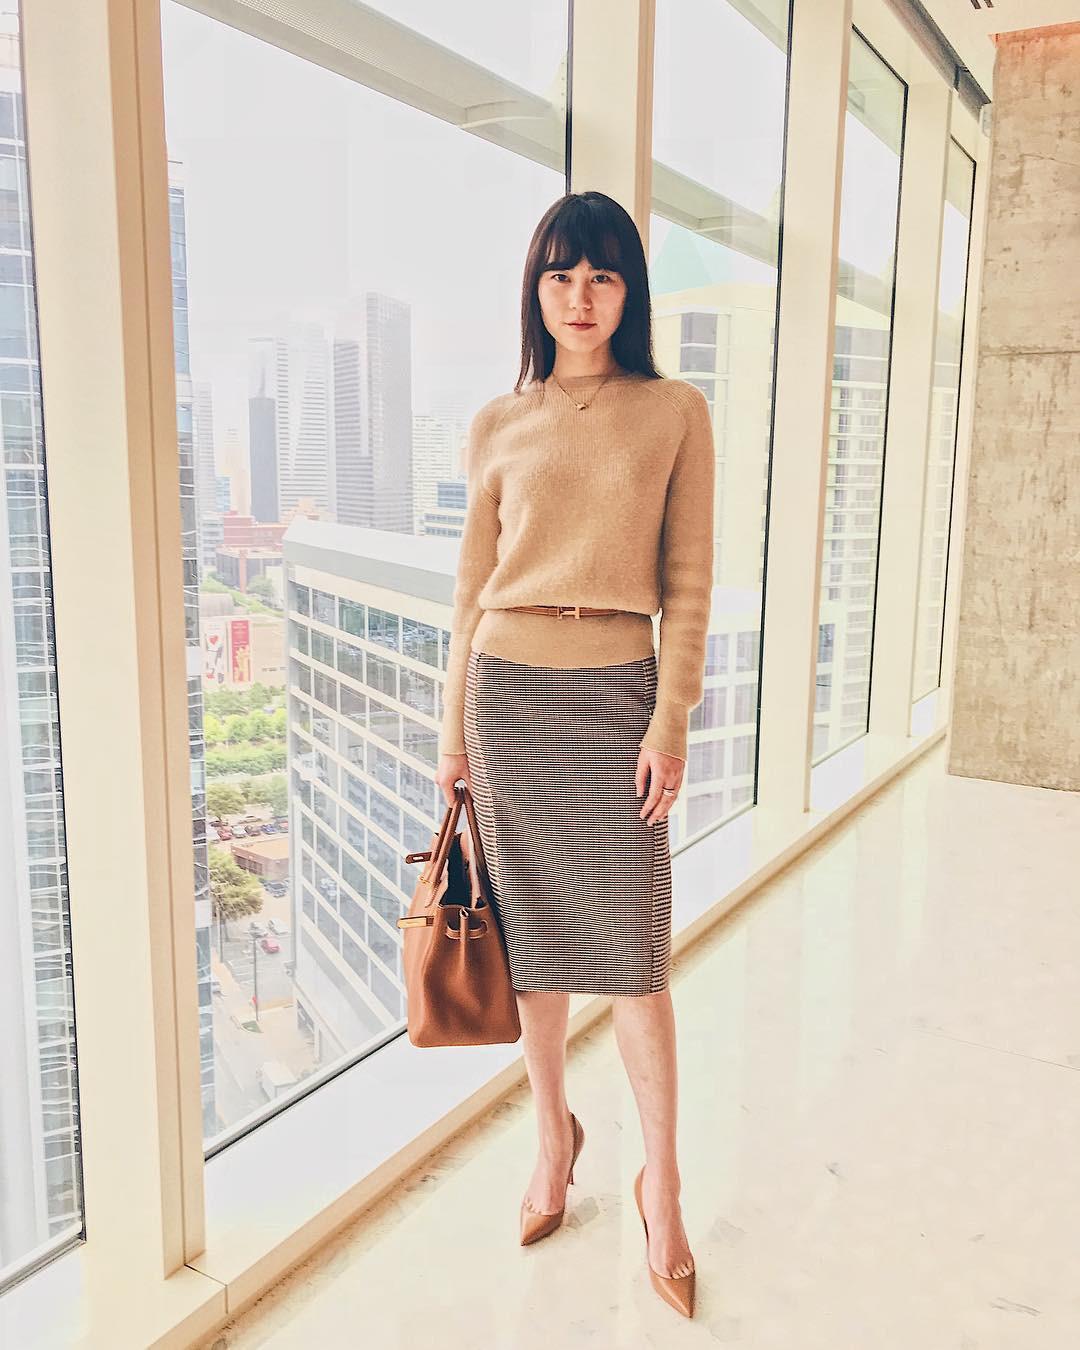 Đơn giản là áo len + chân váy thôi nhưng có đến 4 cách mix&match xinh mê hồn để bạn thỏa sức diện đông này - Ảnh 3